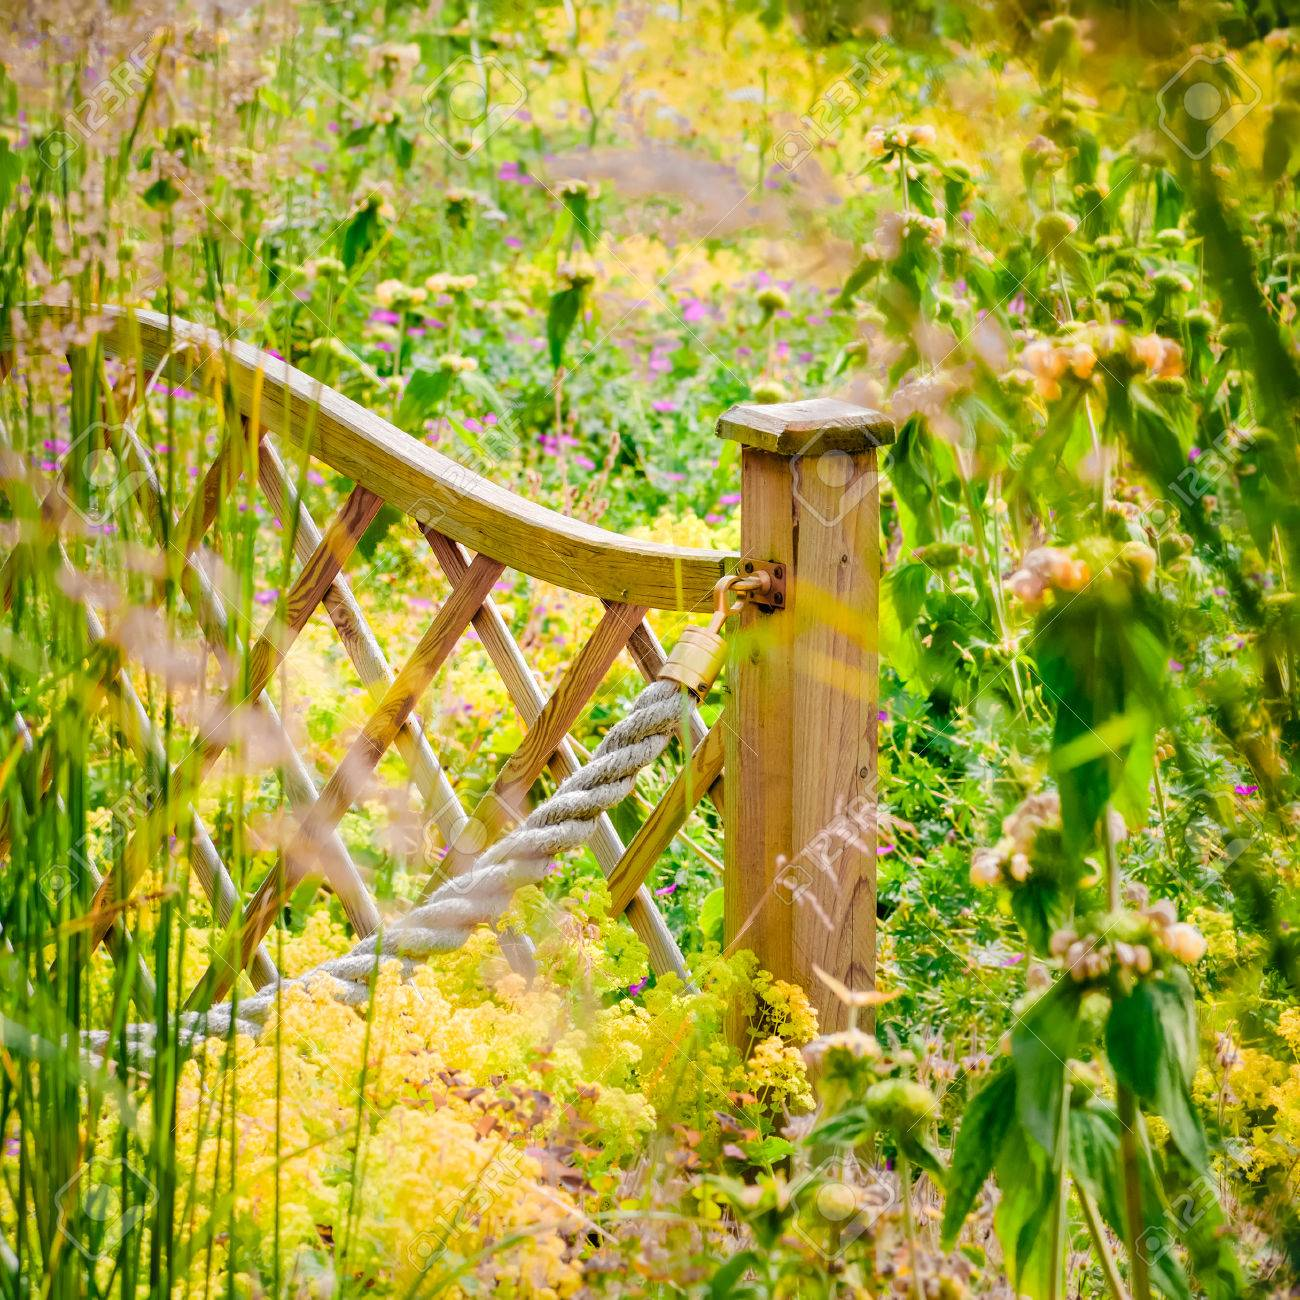 Full Size of Garten Zaun Widlflower Lndliche Outdoor Landschaft Sonnig Bewässerungssysteme Test Pool Guenstig Kaufen Hochbeet Lounge Möbel Feuerschale Holztisch Garten Garten Zaun